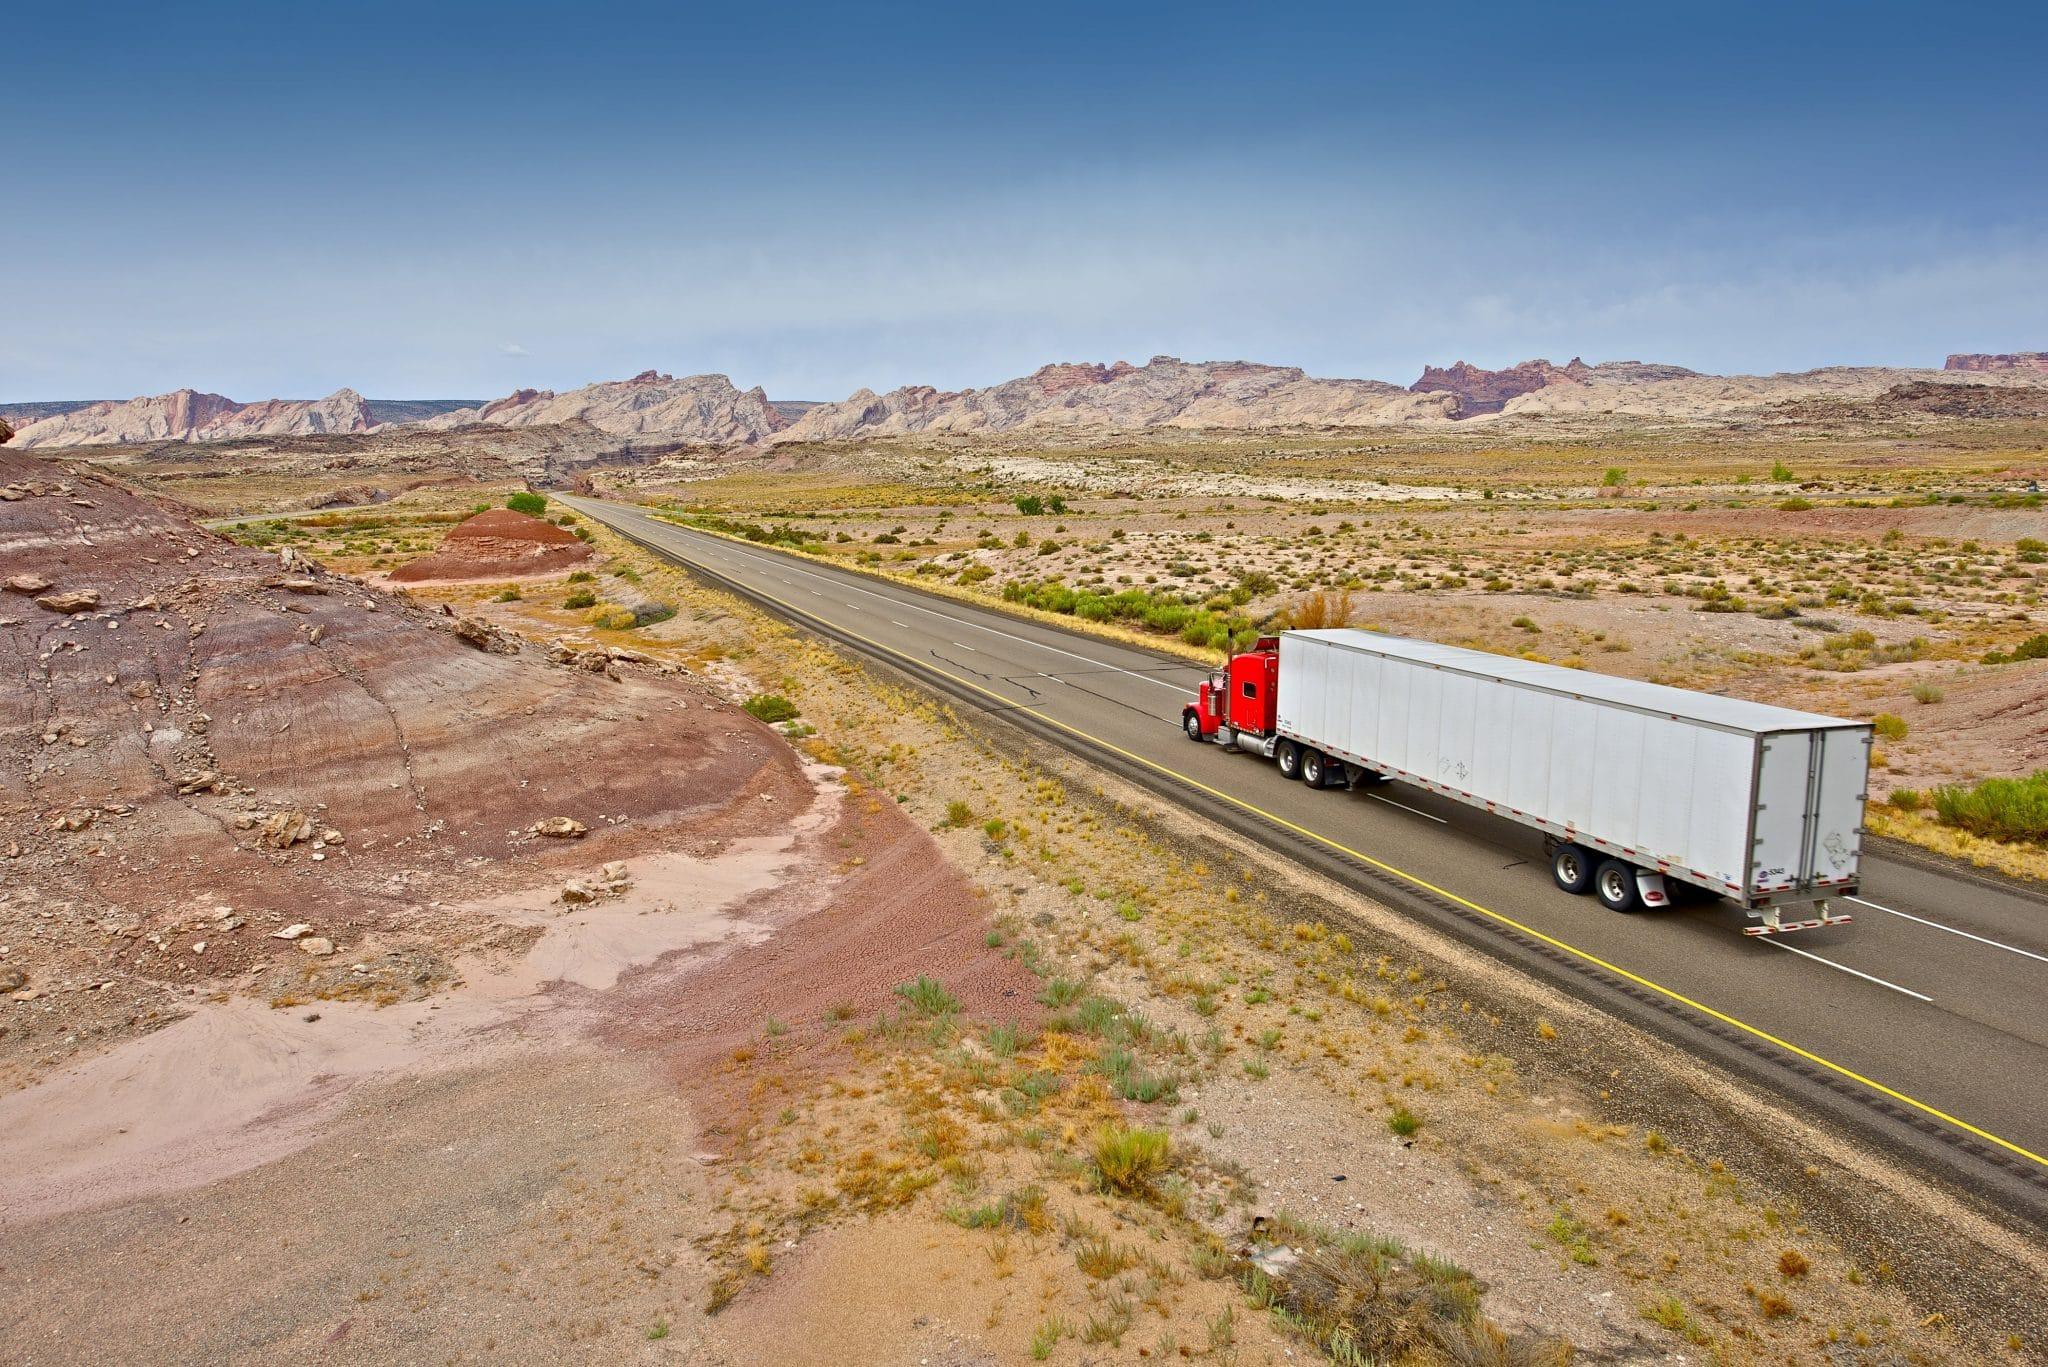 rotas-para-entregas-como-reduzir-custos-e-ser-mais-produtivo